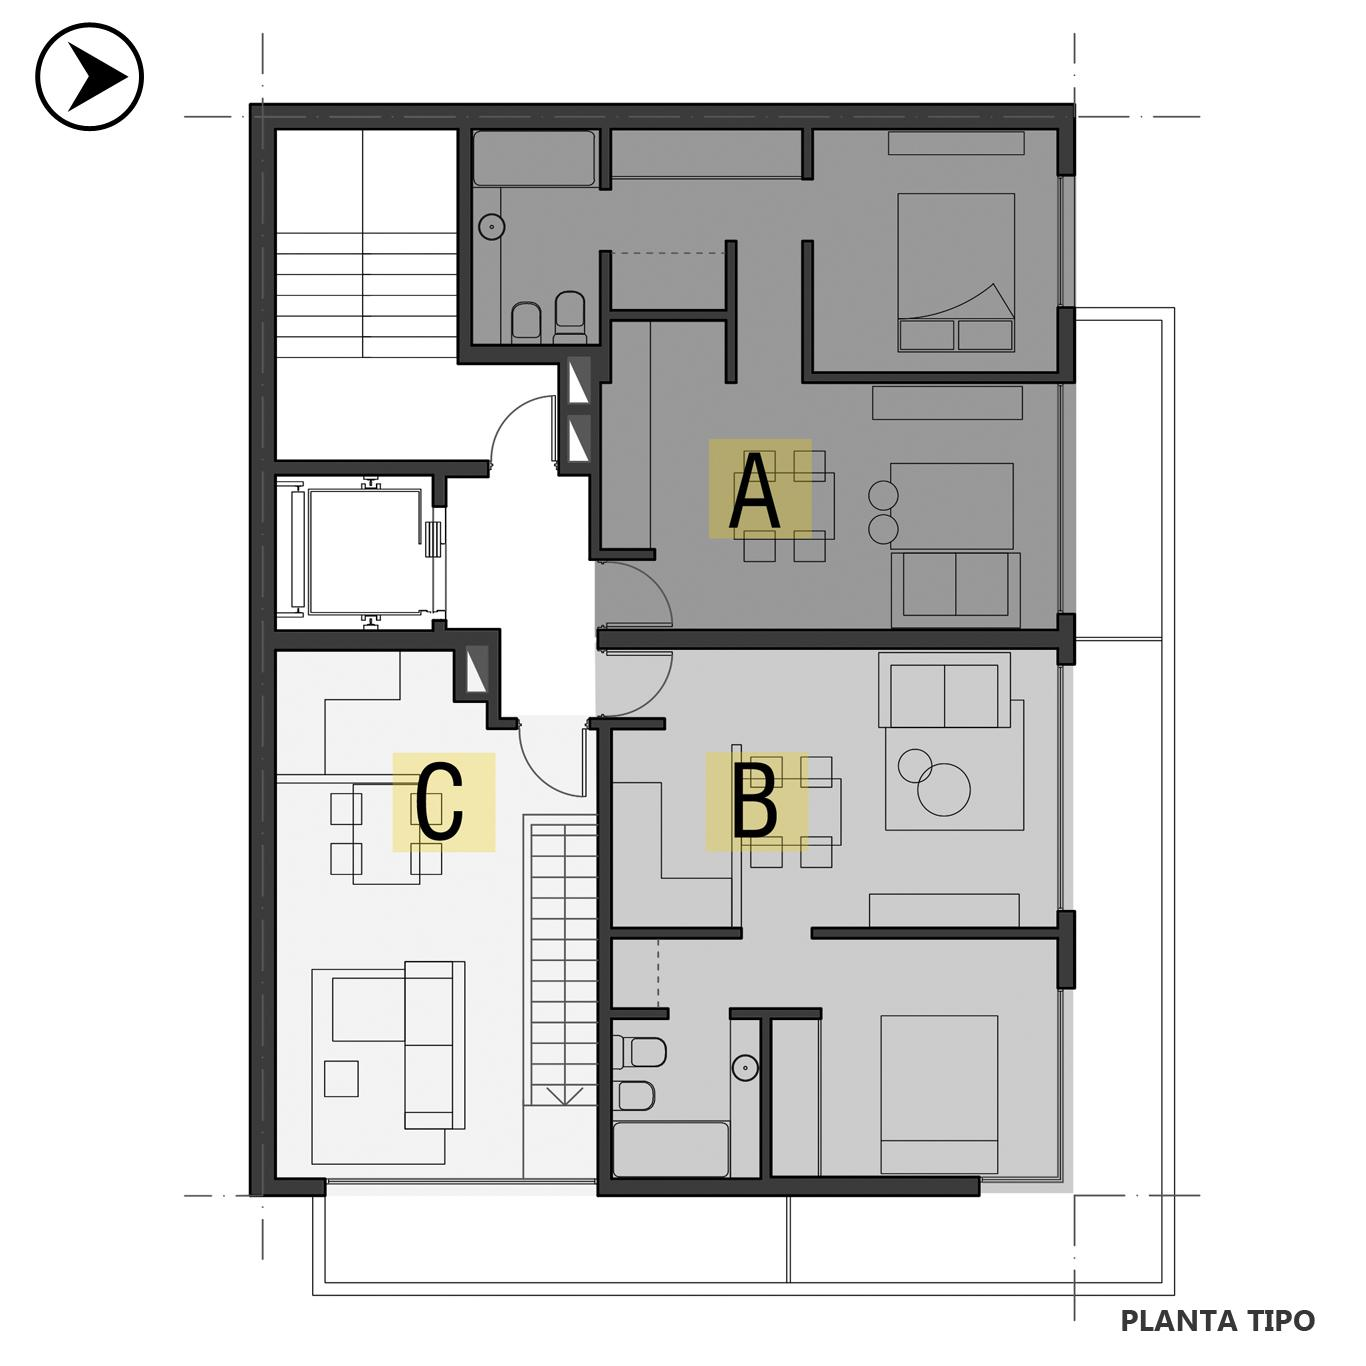 Venta departamento 1 dormitorio Rosario, Centro. Cod CBU24188 AP2257901. Crestale Propiedades